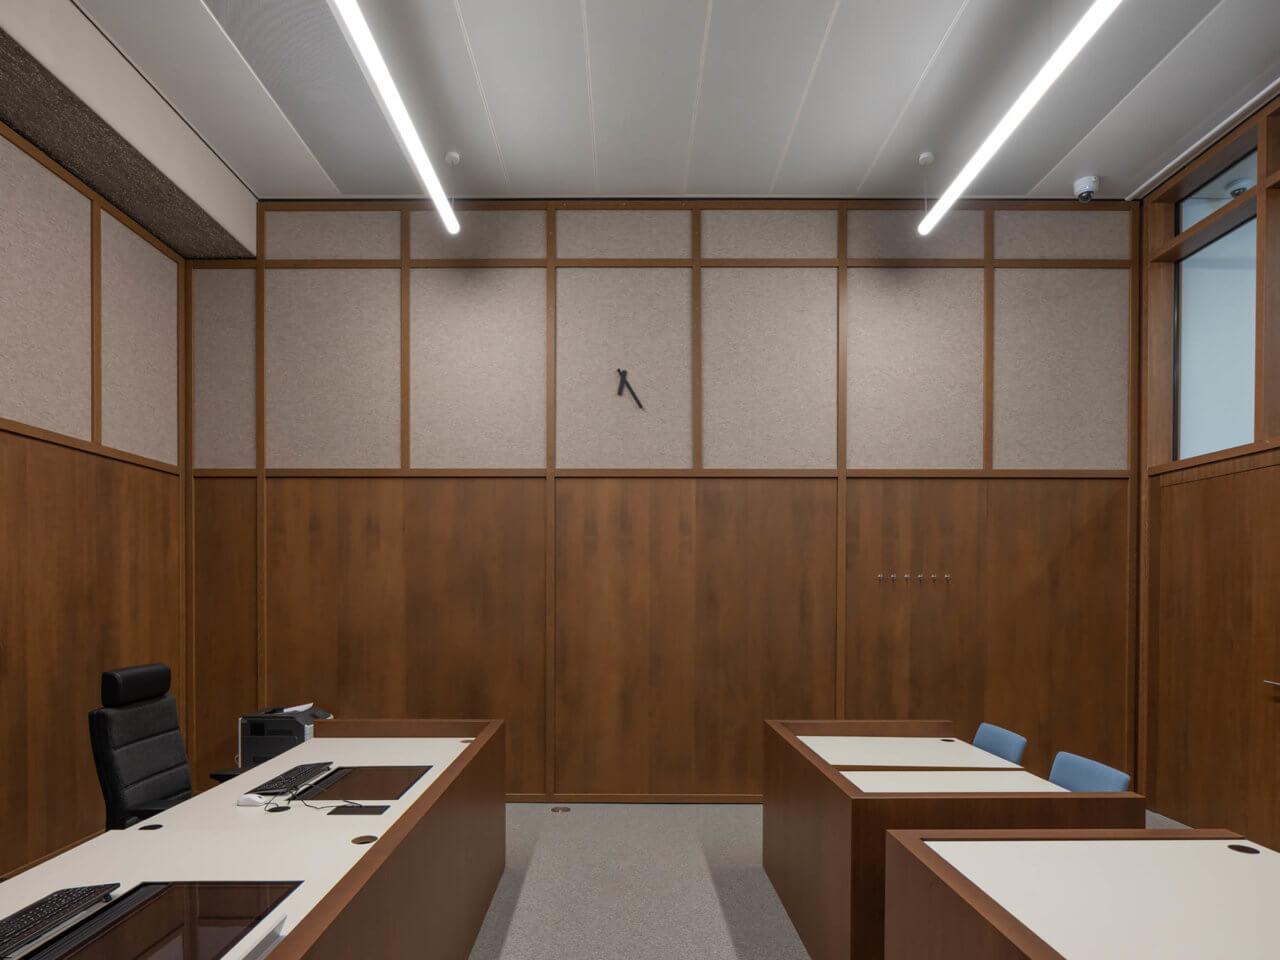 34_Rechtbank_Breda_∏Ossip - OPENBAAR MINISTERIE